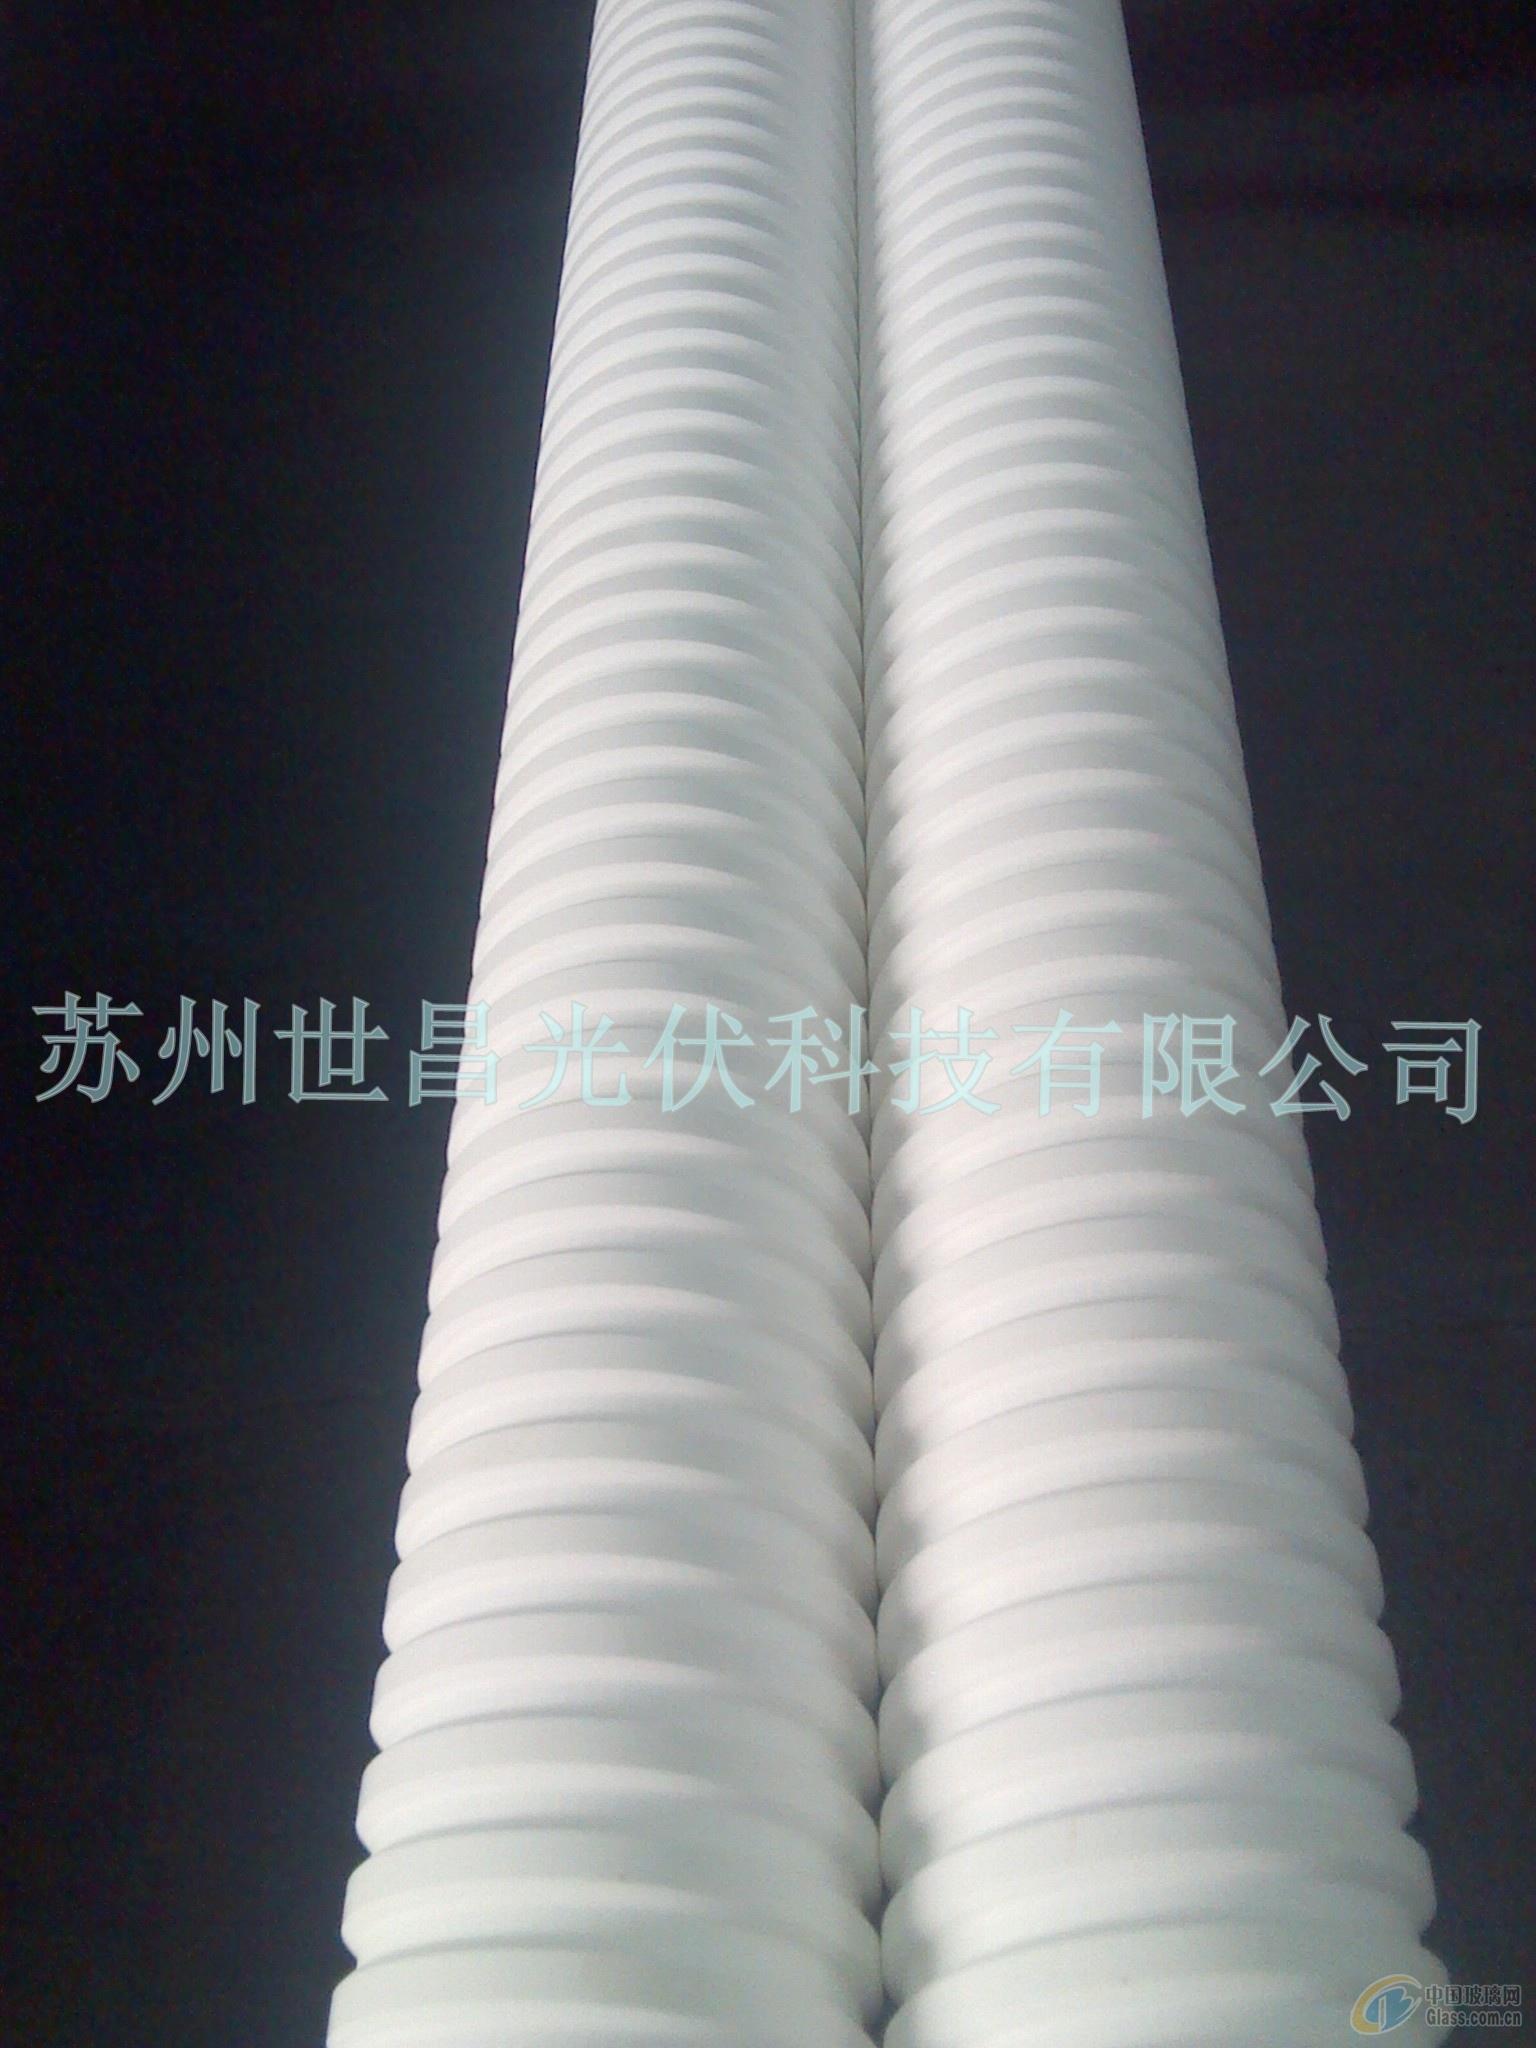 苏州圣诺珂陶瓷 螺纹辊 陶瓷辊